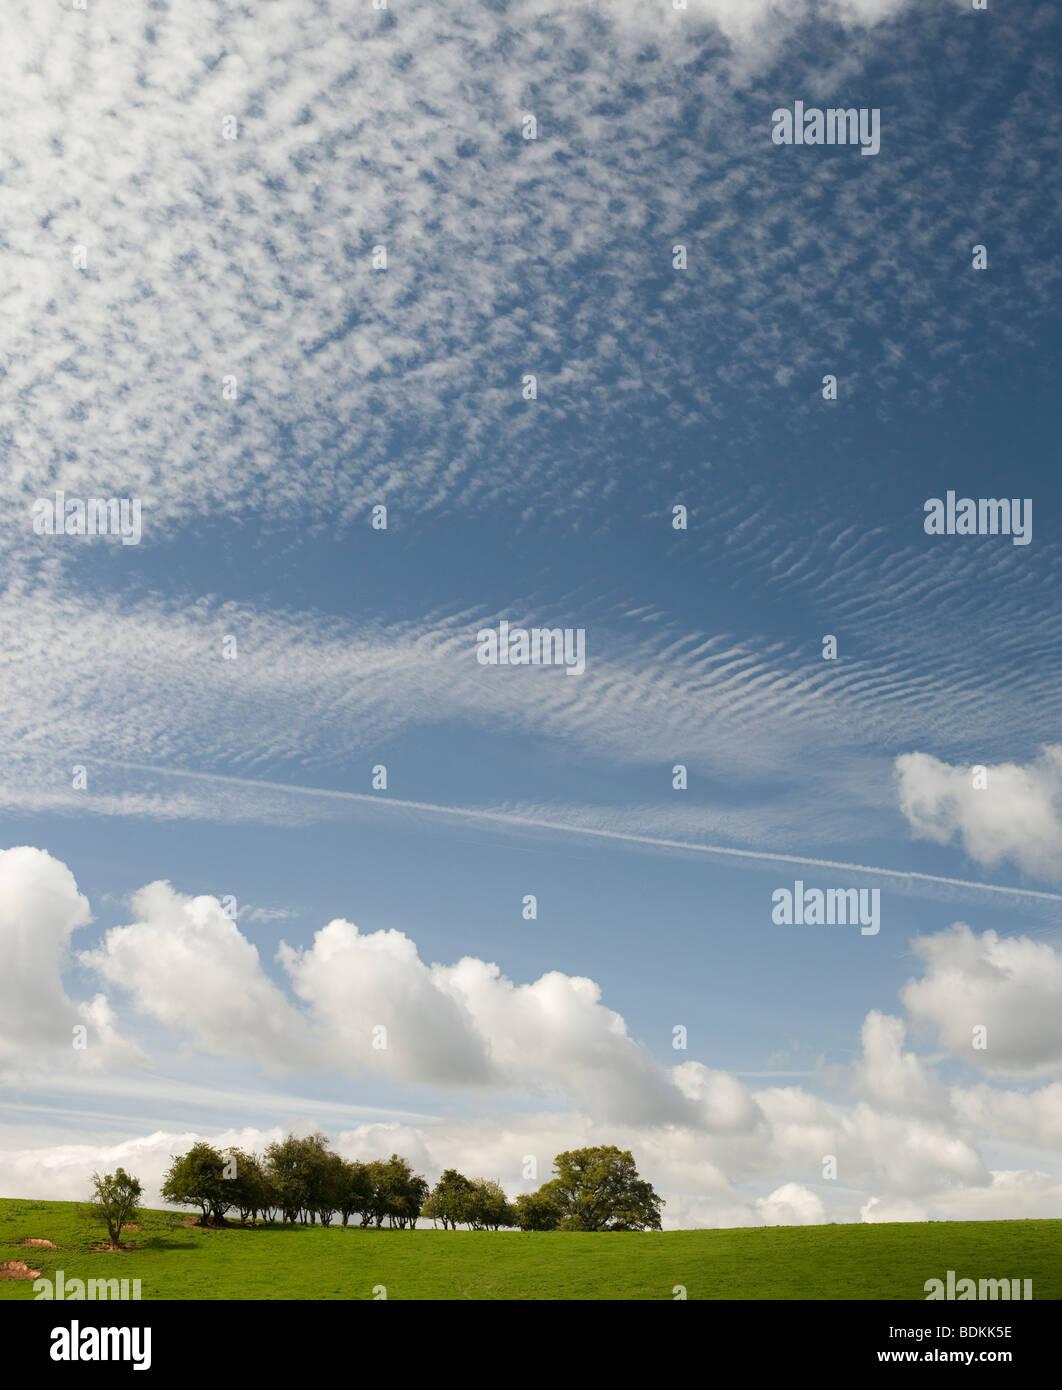 Shropshire Rural campo cerca de Ludlow, verde hierba, árboles y nublado cielo de verano azul Foto de stock